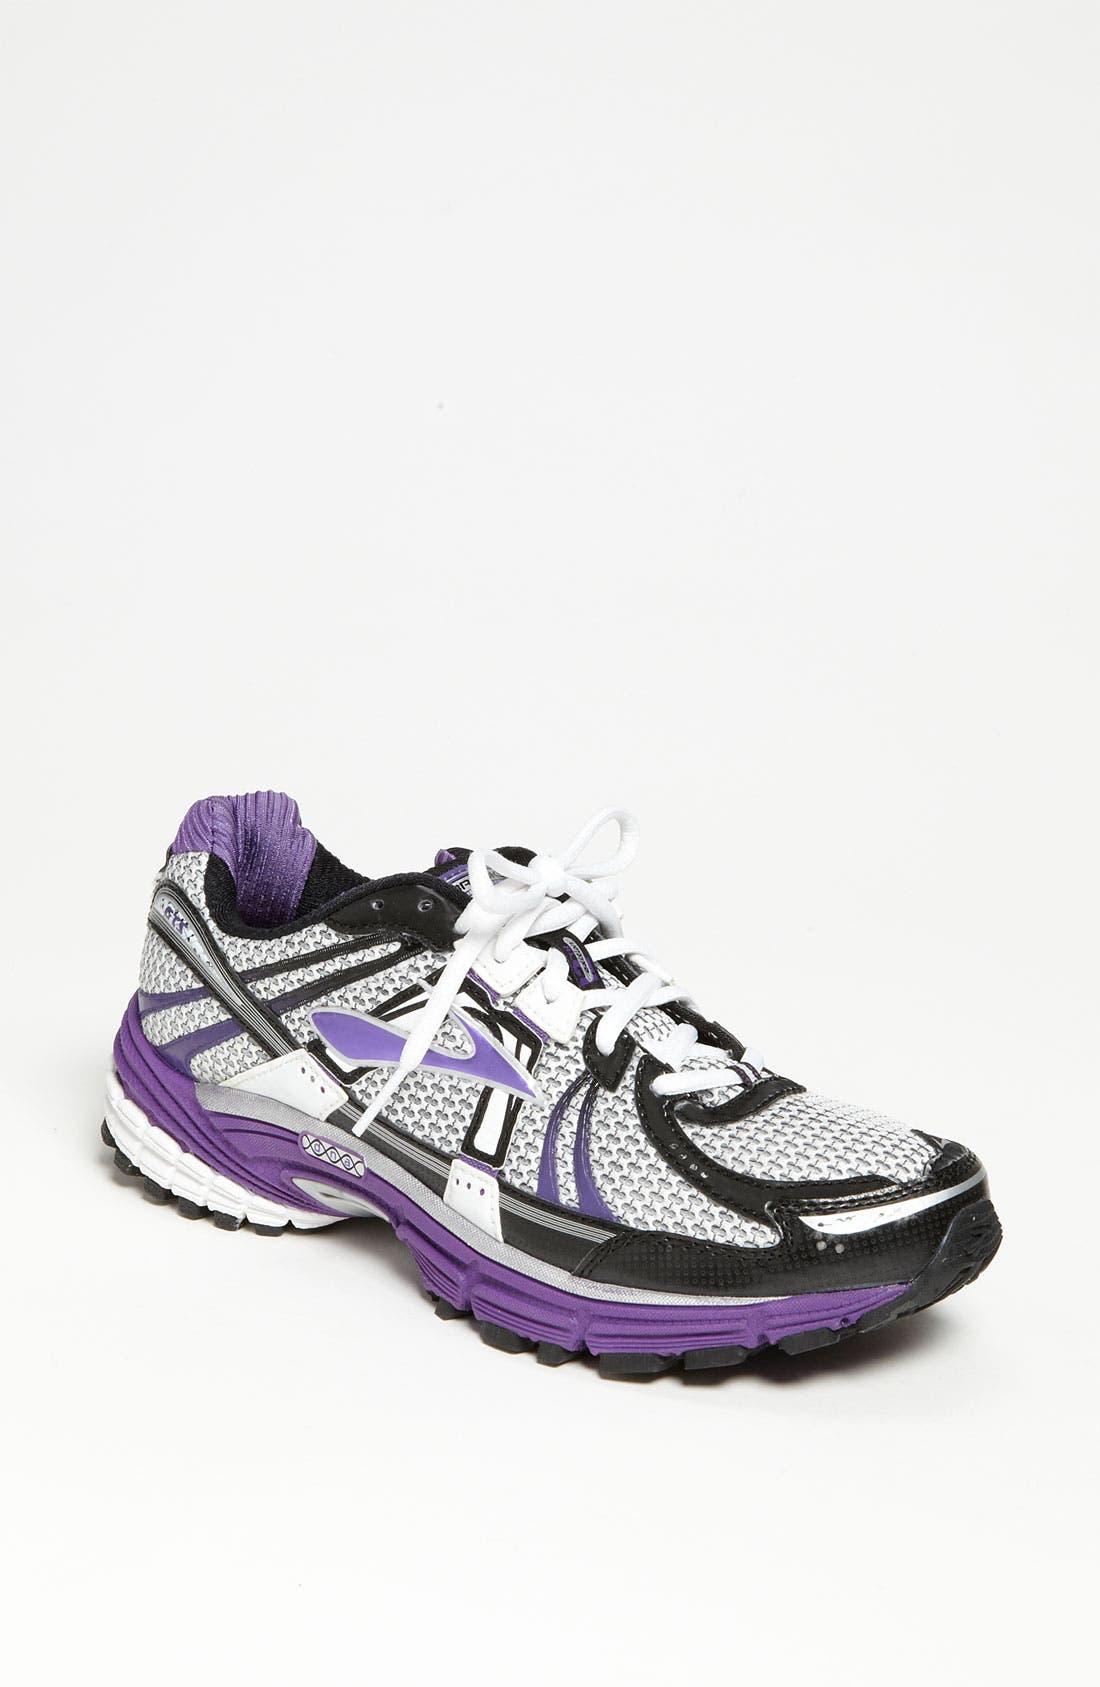 Alternate Image 1 Selected - Brooks 'Adrenaline GTS 12' Running Shoe (Women) (Regular Retail Price: $109.95)